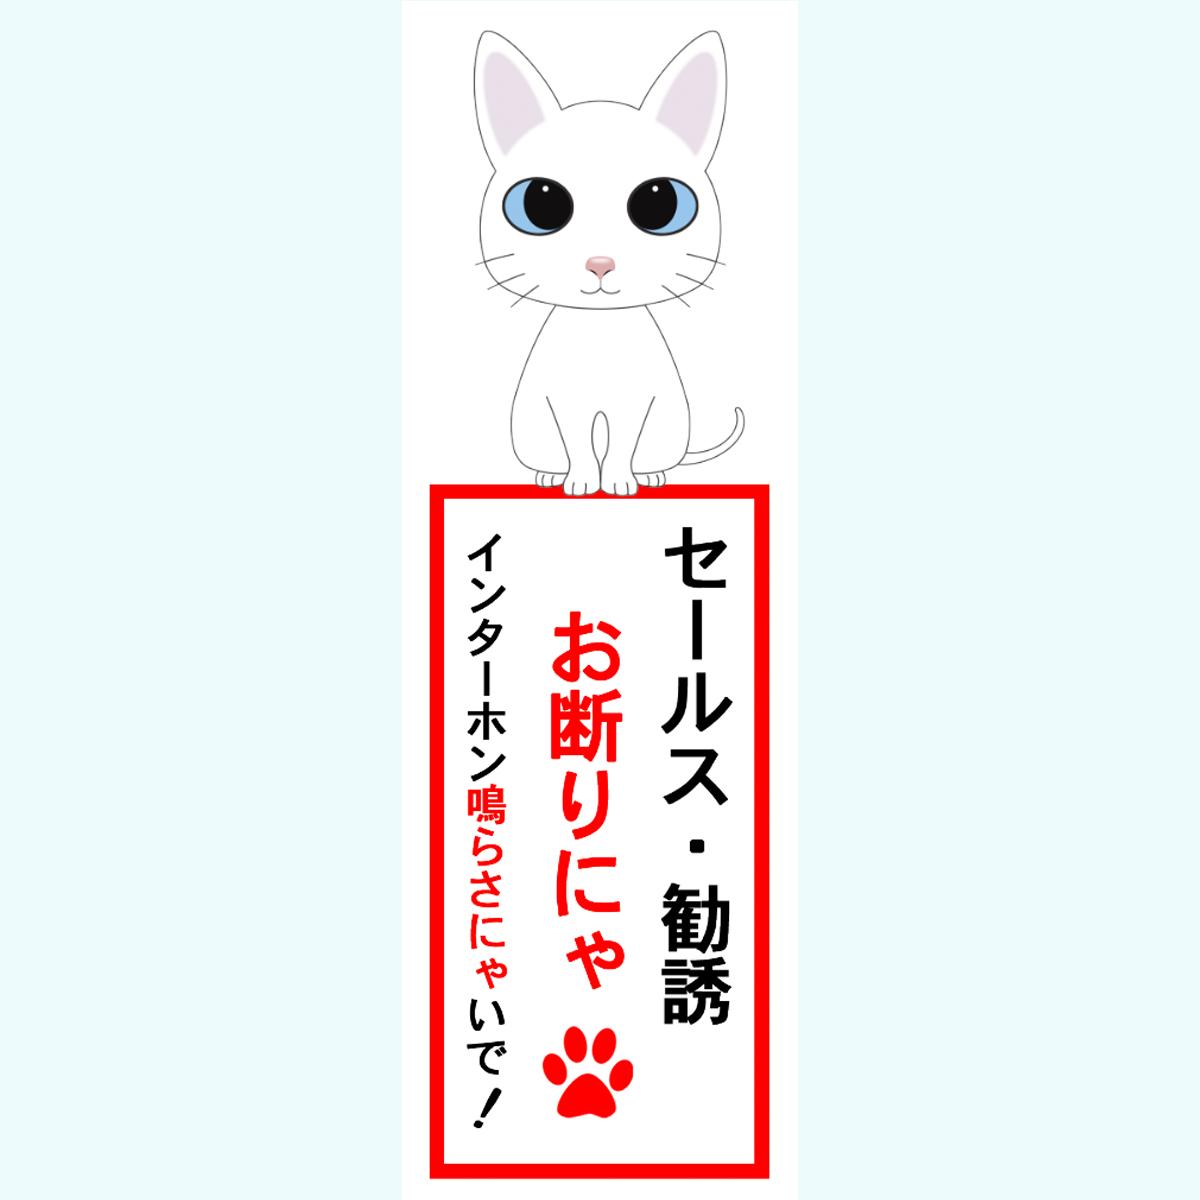 セールスお断り猫ステッカー 白猫 《週末限定タイムセール》 ☆最安値に挑戦 横型 縦型 猫 迷惑防止 お役立ち シール ステッカー